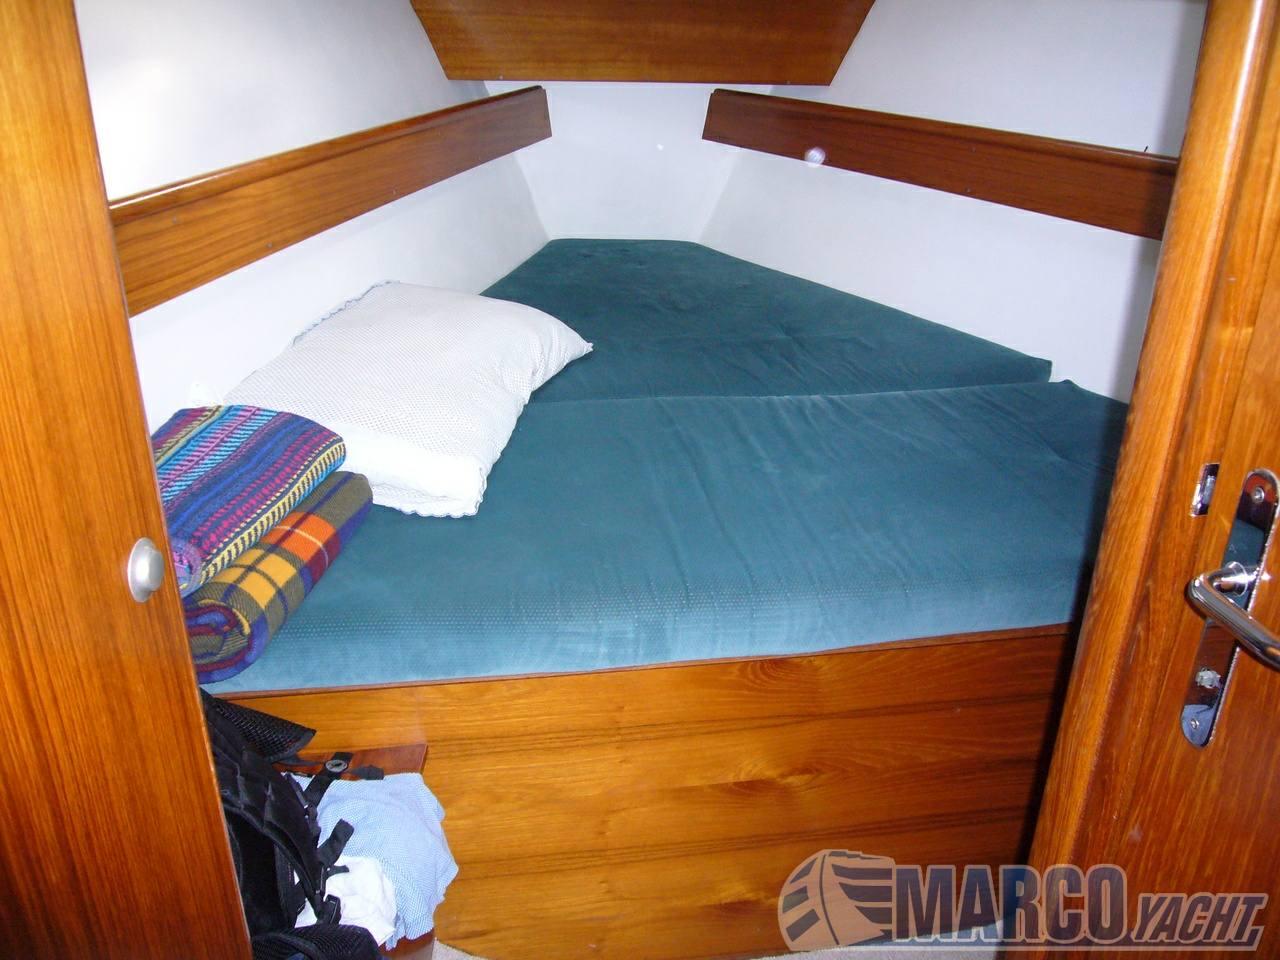 Jeanneau Sun odyssey 37.2 sailing boat